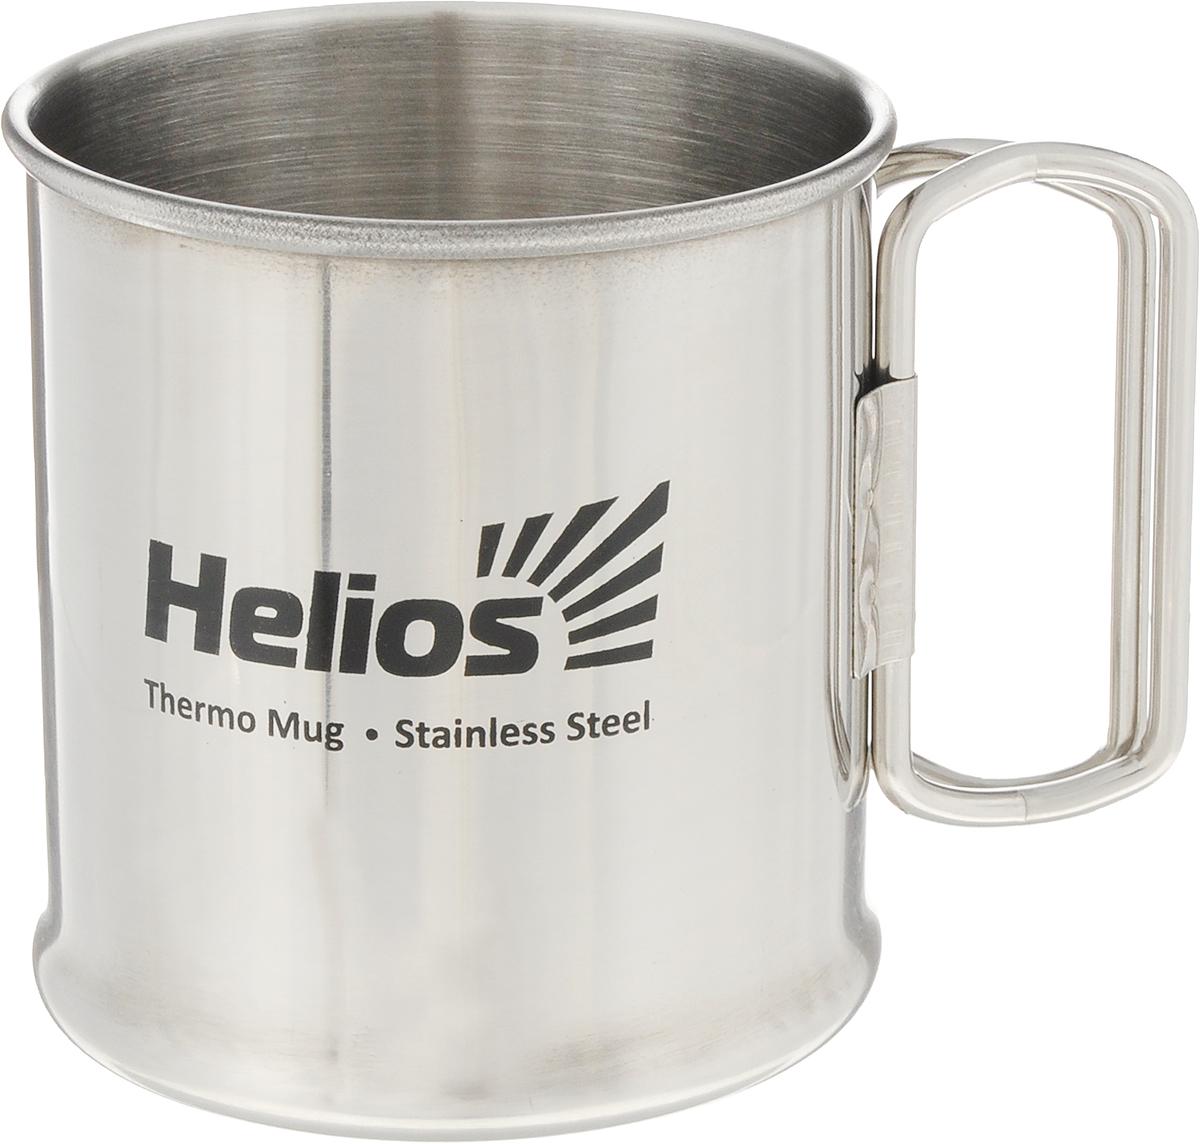 Термокружка Helios HS TK-014, 300 мл128988Термокружка Helios HS TK-014 предназначена специально для горячих и холодных напитков. Она изготовлена из высококачественной нержавеющей стали. Благодаря складным ручкам кружка занимает минимум места в рюкзаке. Такая кружка прекрасно сохраняет свою целостность и первозданный вид даже при многократном использовании. Диаметр кружки (по верхнему краю): 7 см. Высота кружки: 8 см.